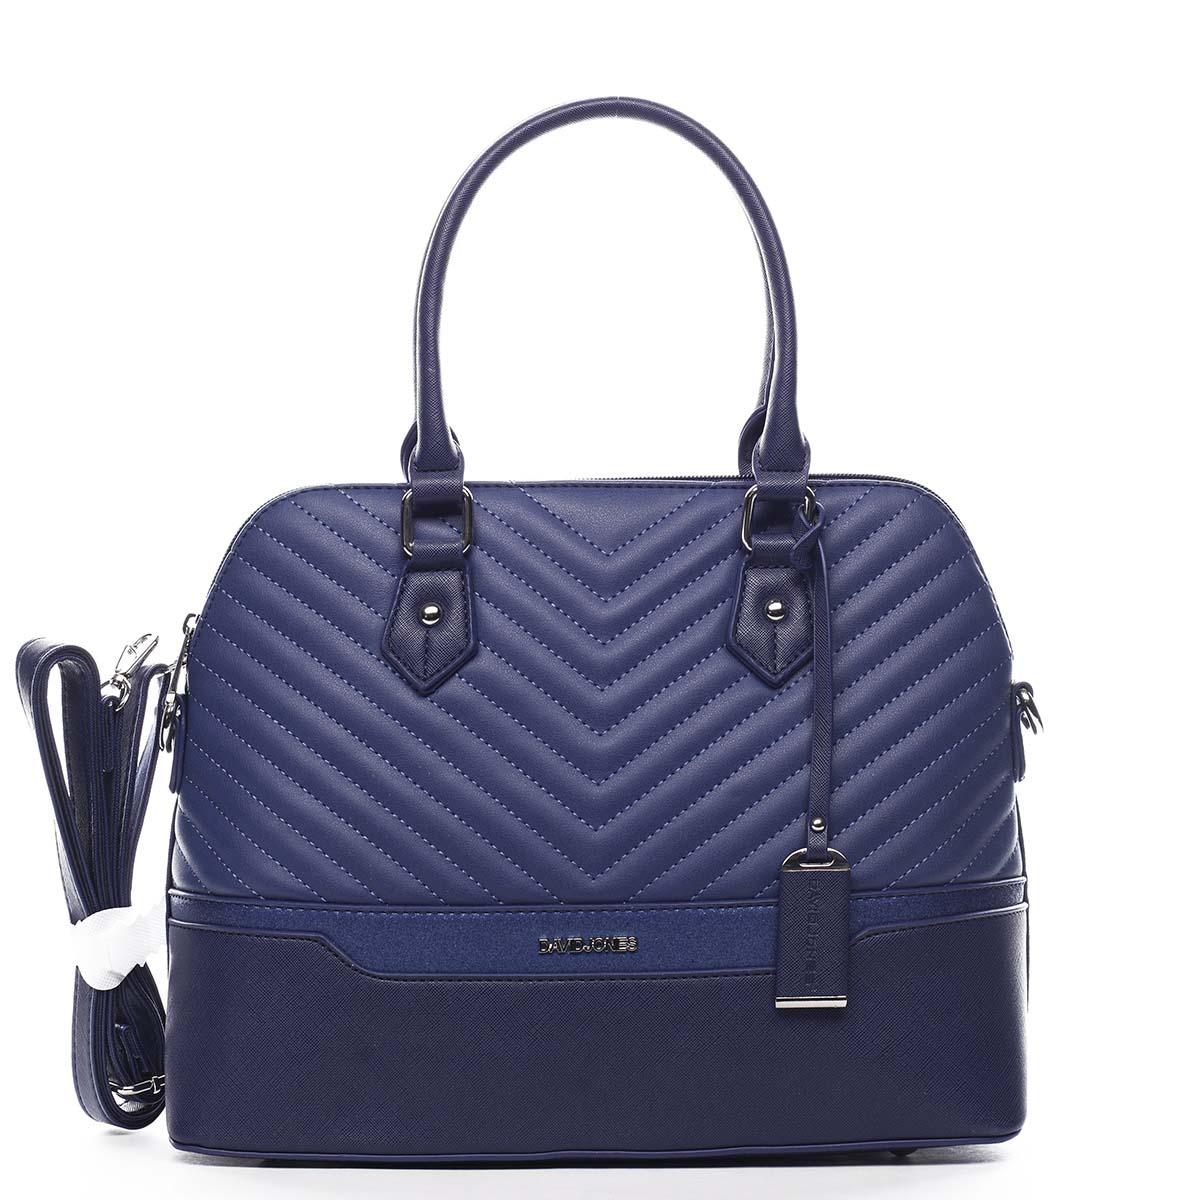 Dámská kabelka do ruky tmavě modrá - David Jones Roshel